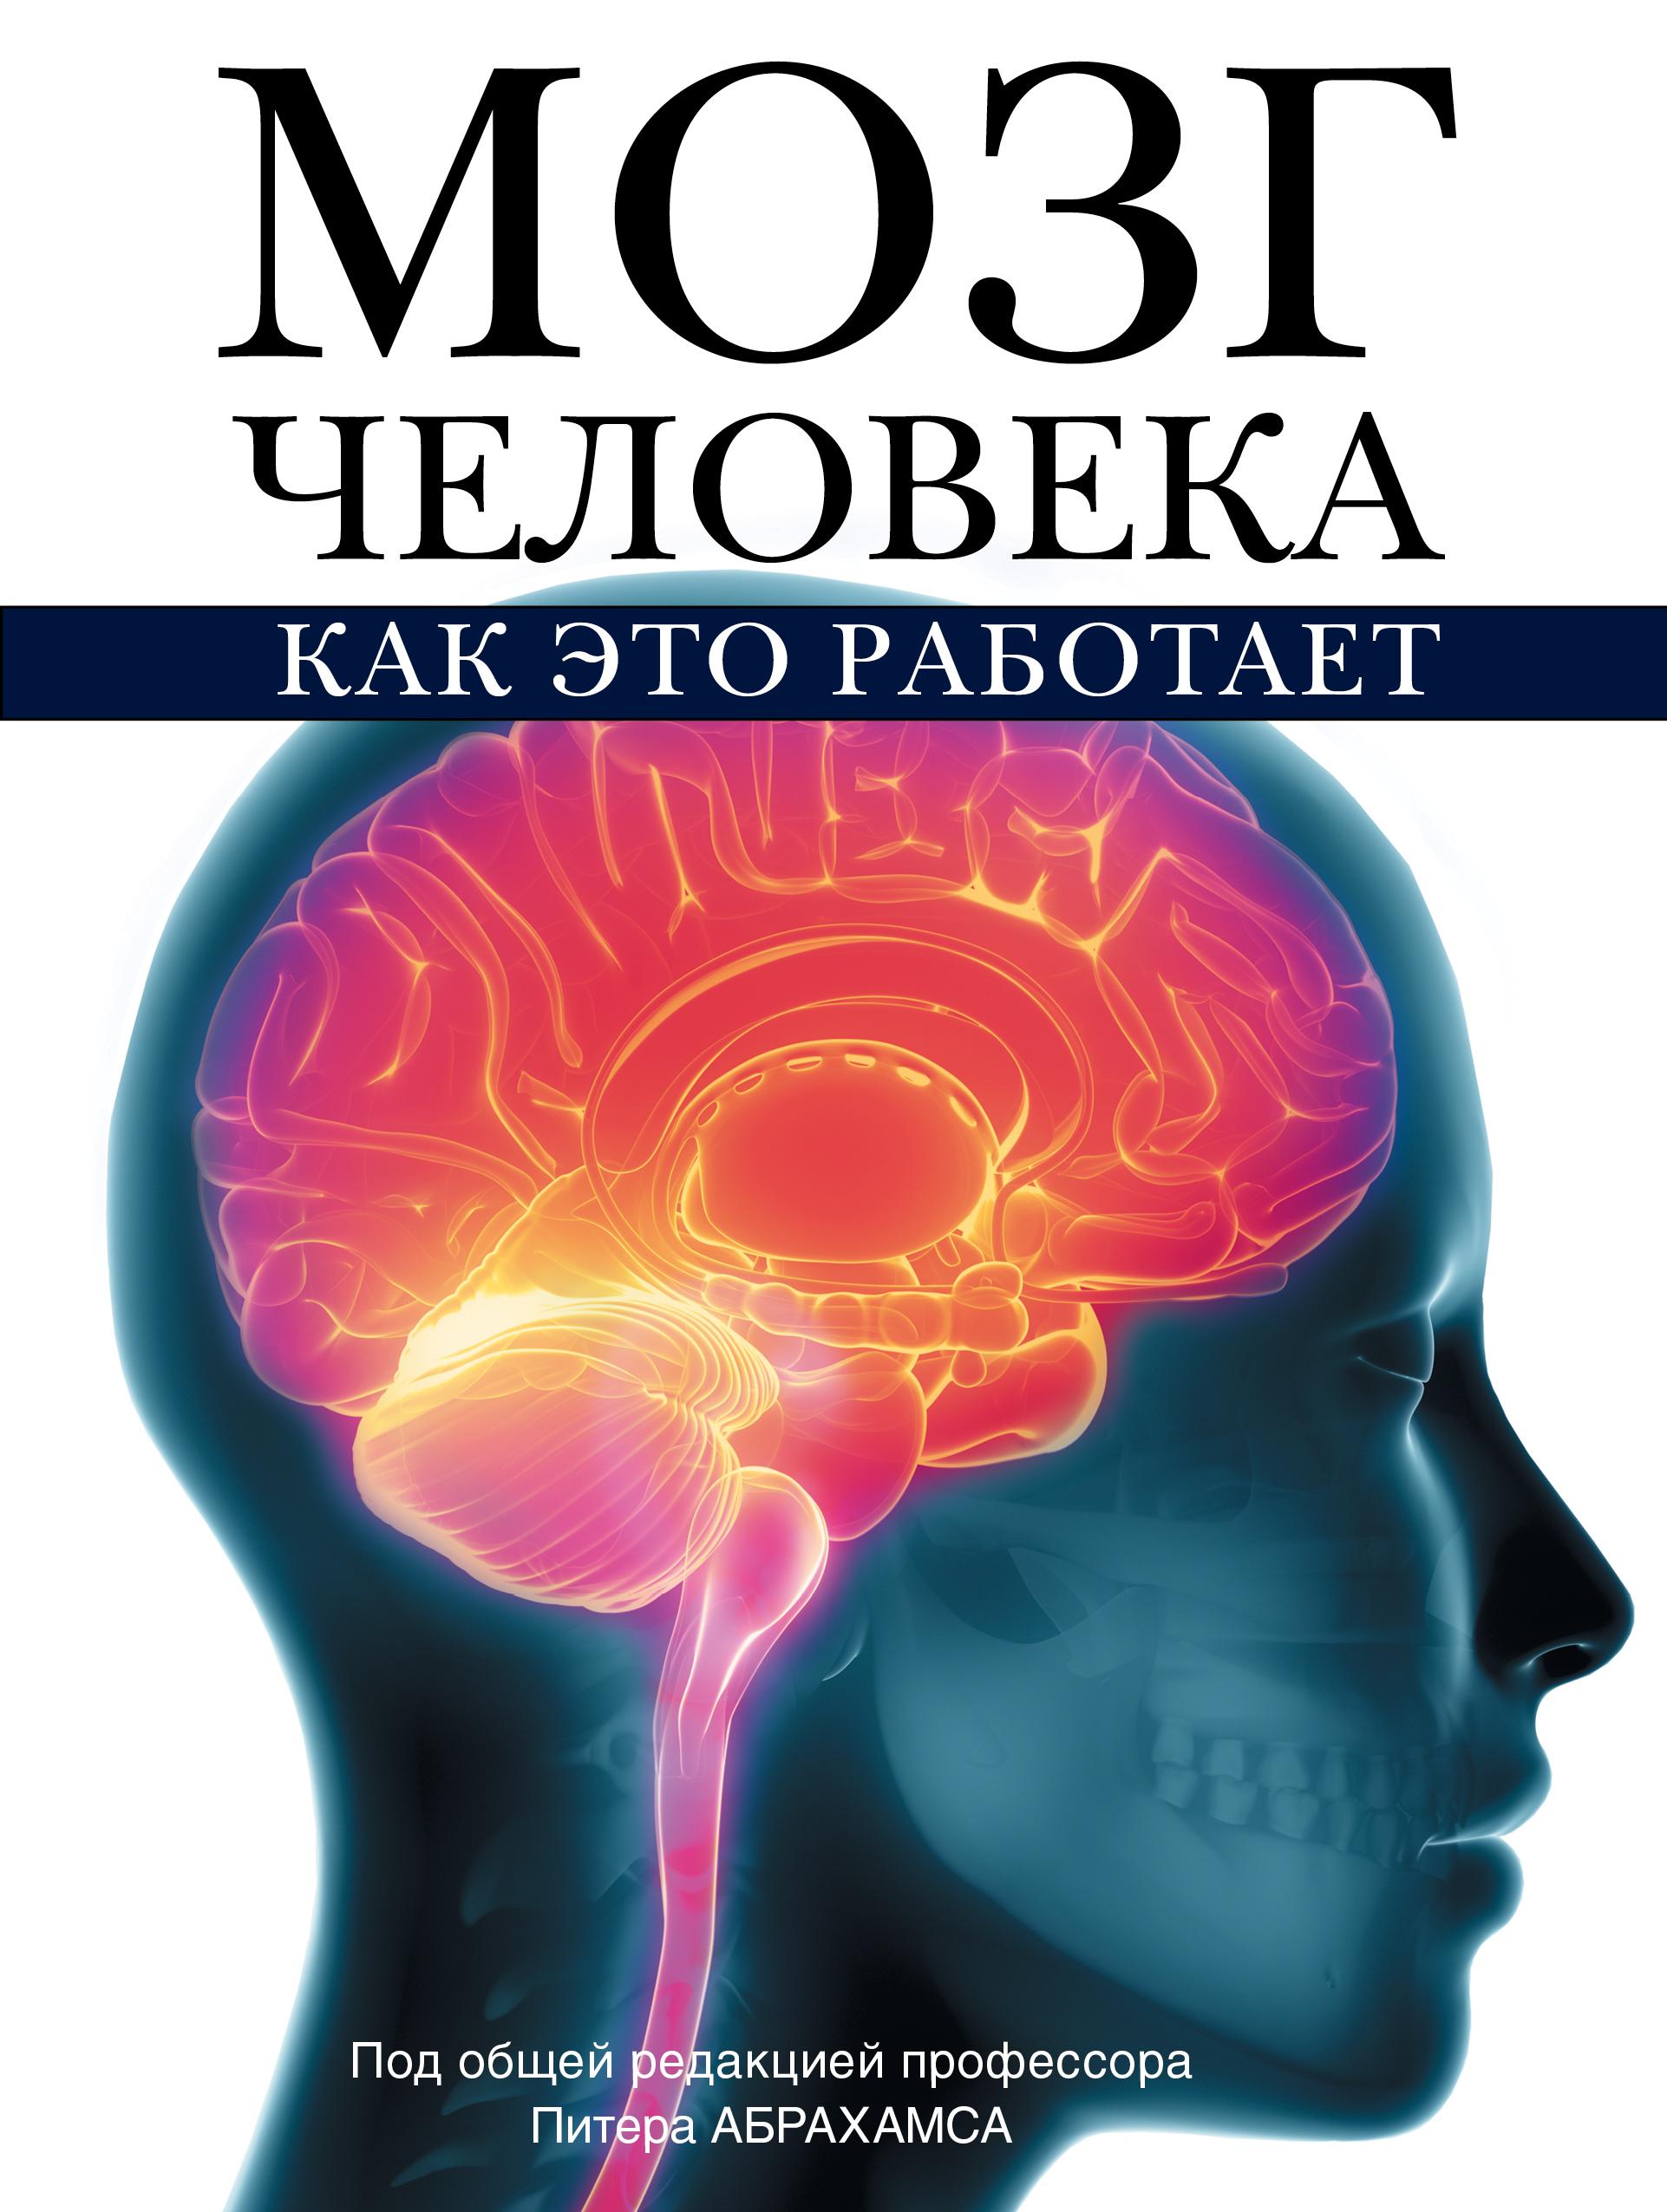 Абрахамс П. Мозг человека. Как это работает питер абрахамс мозг человека как это работает